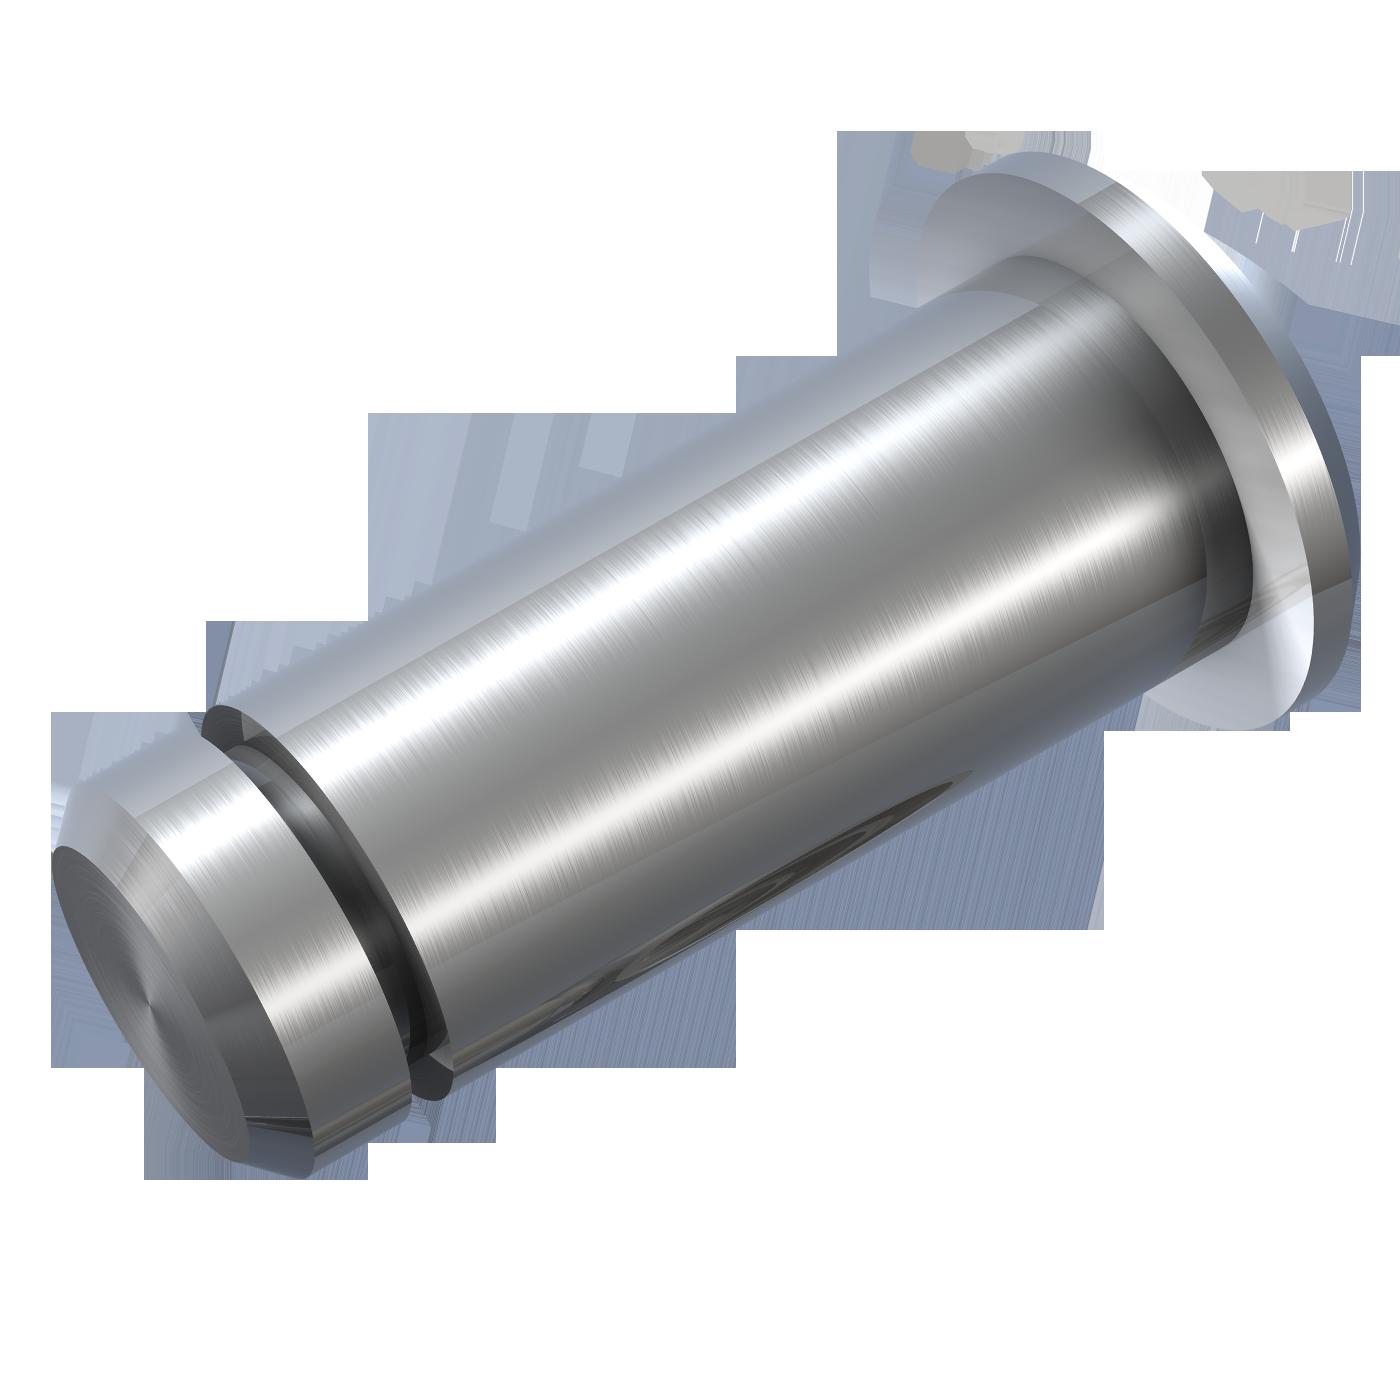 mbo Oßwald ist Produzent von Bolzen mit Einstich und Kopf, aus Werkstoff Automatenstahl 1.0718 oder Edelstahl 1.4305 bzw. Edelstahl 1.4404, A4 Qualität. Diese Bolzen sind ähnlich DIN 1434.